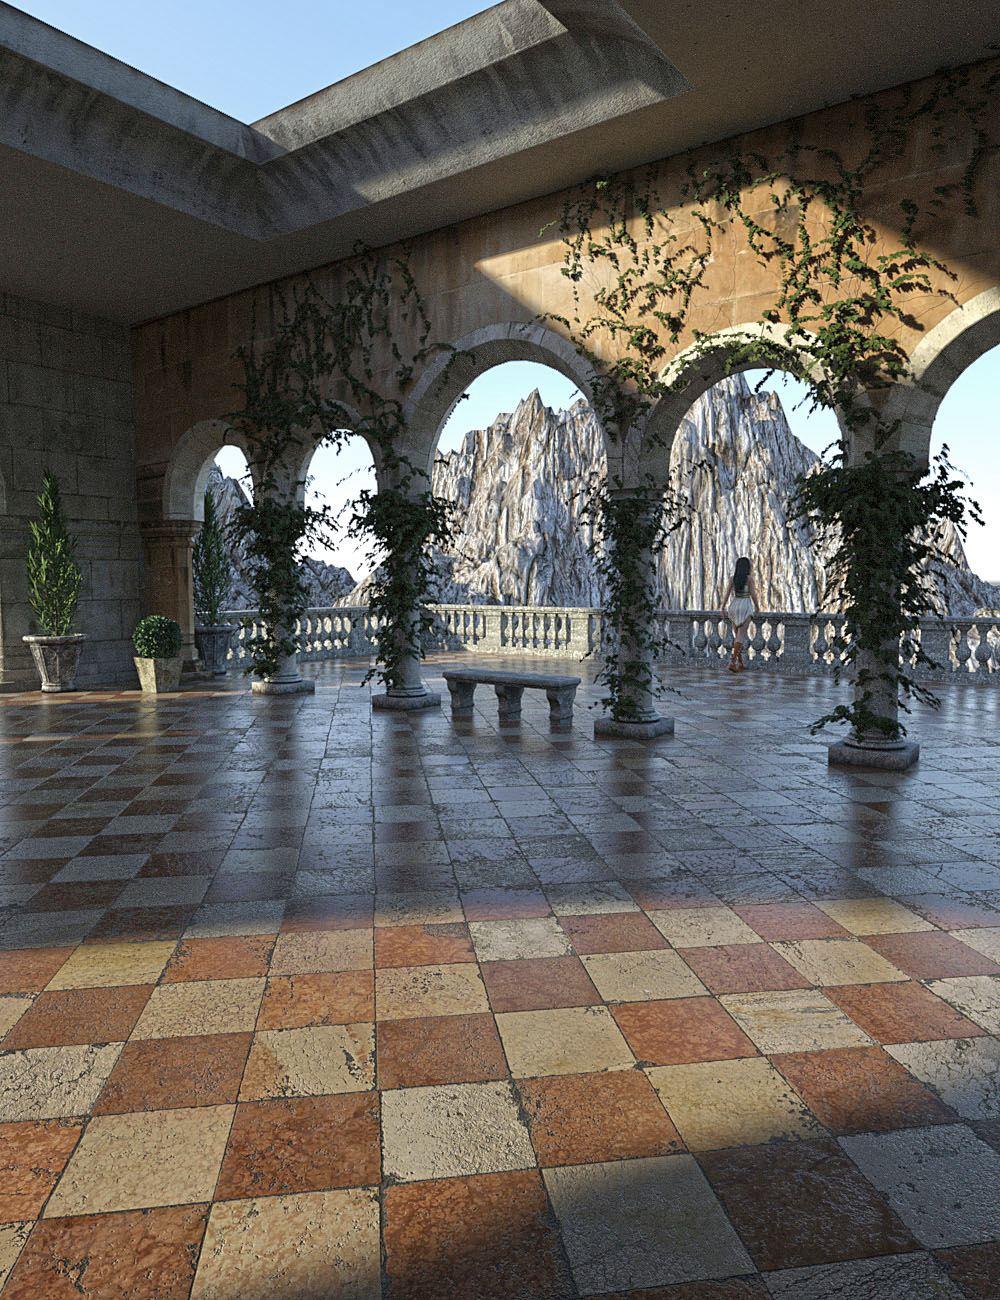 Renaissance Plaza by: bitwelder, 3D Models by Daz 3D